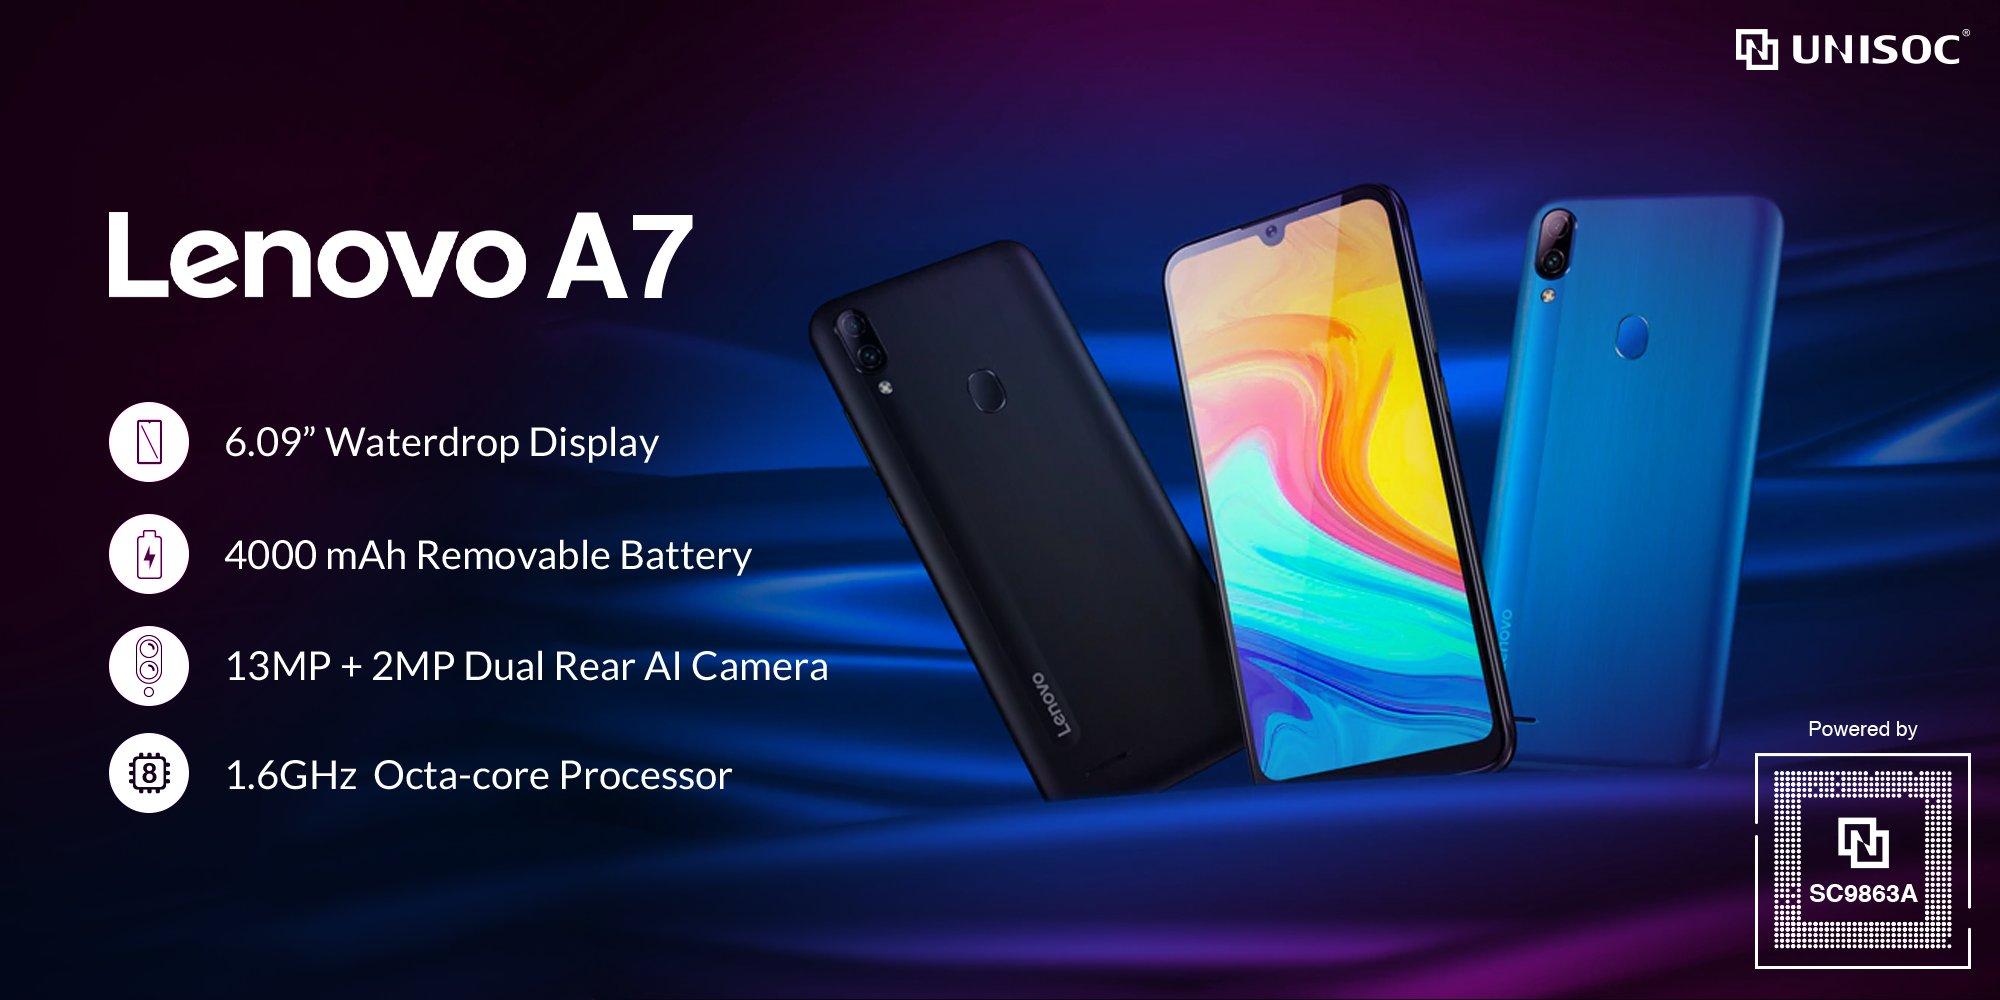 Lenovo A7 entry-level